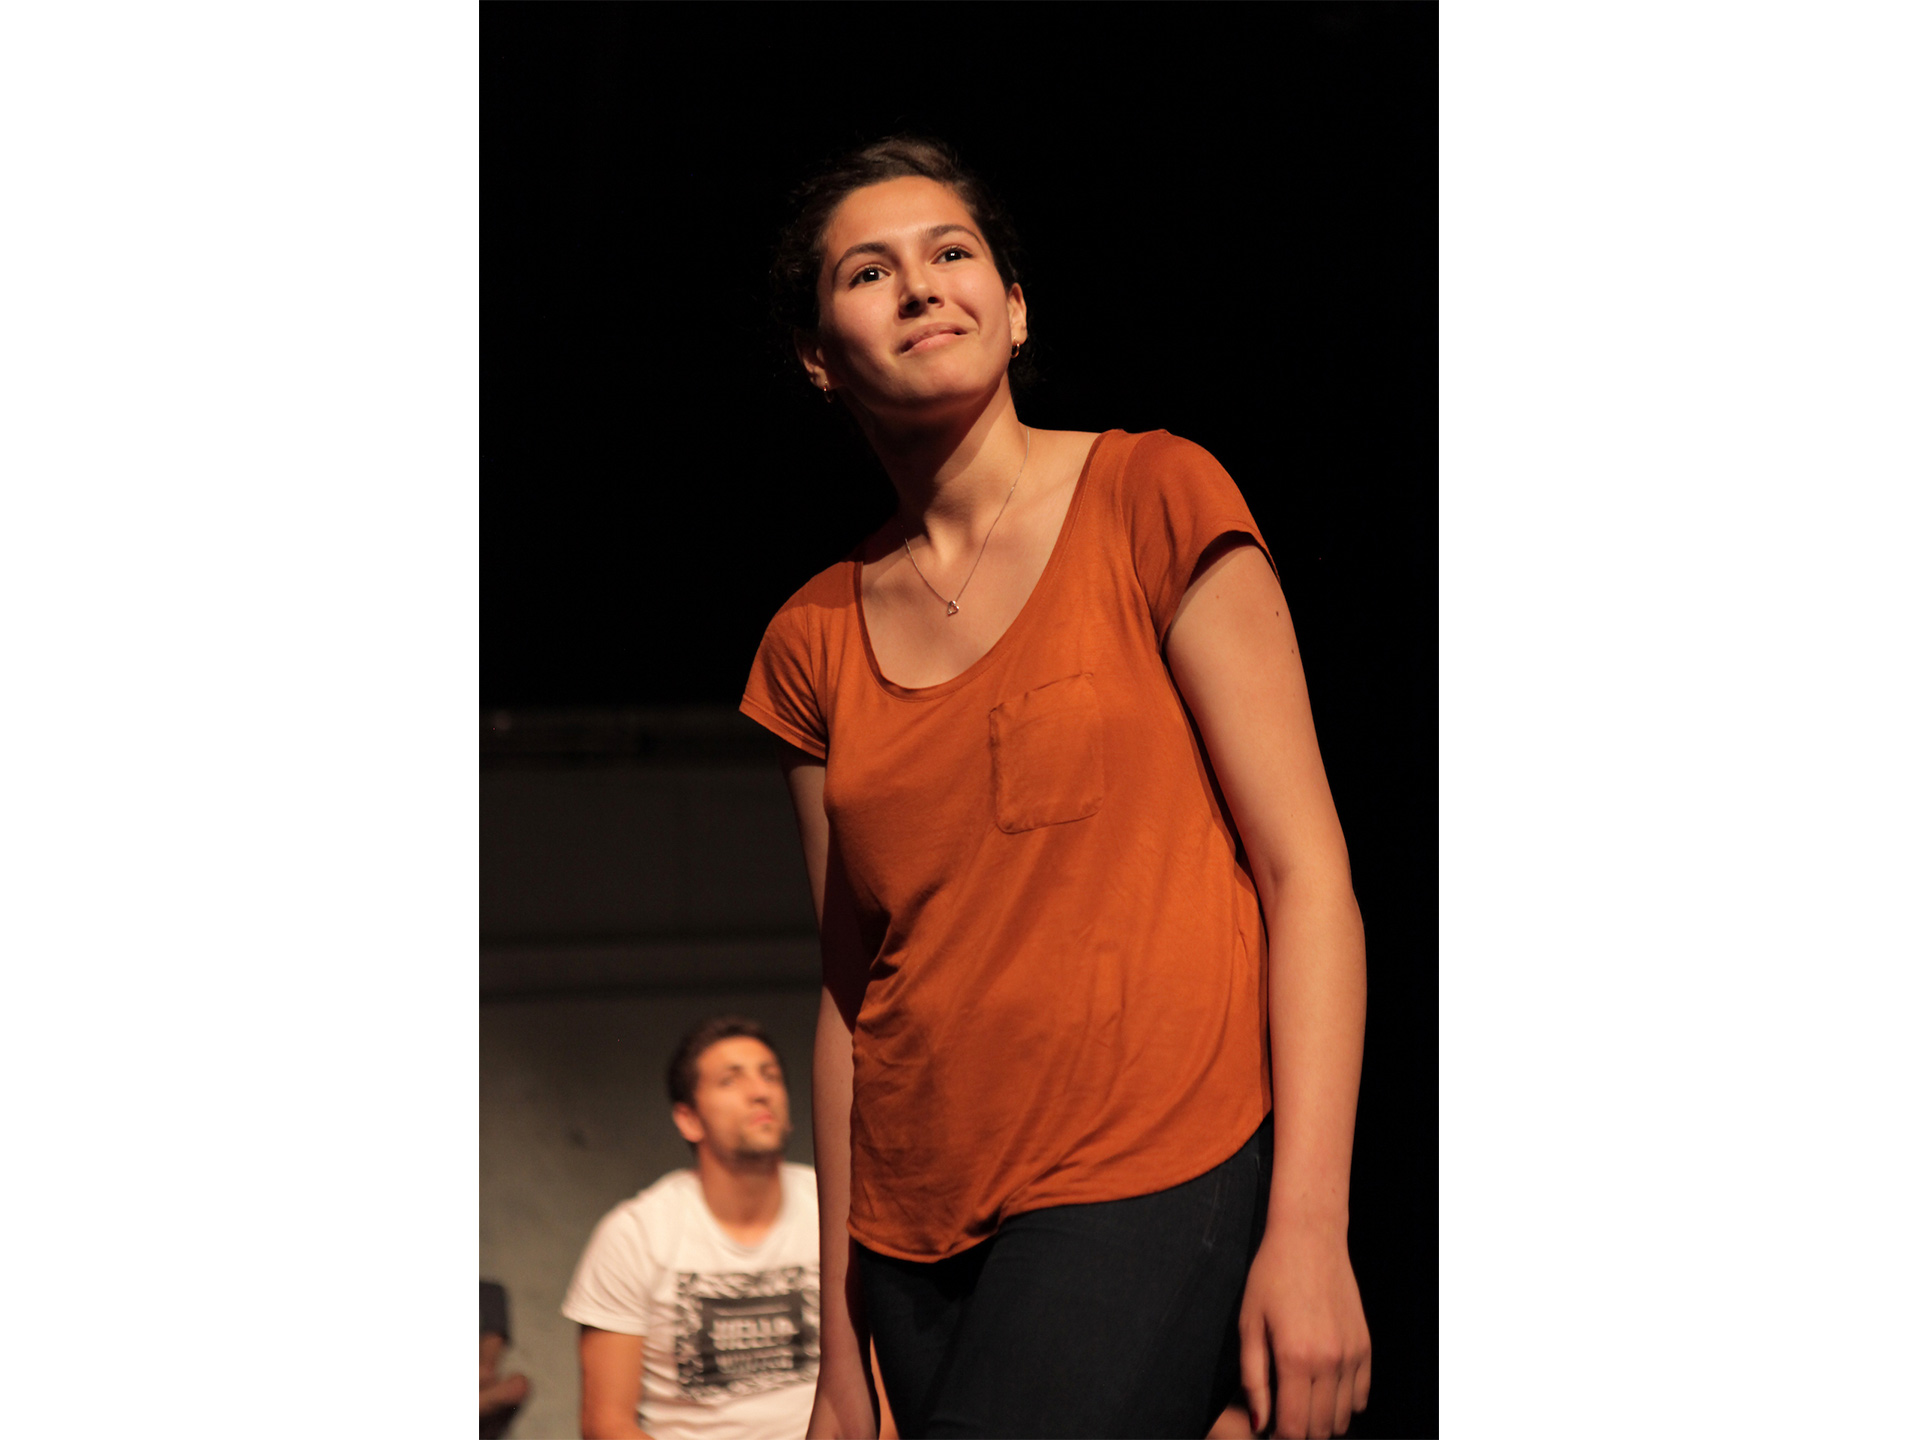 Compagnie mises en scènes 5 - Blandine Armand - série photos